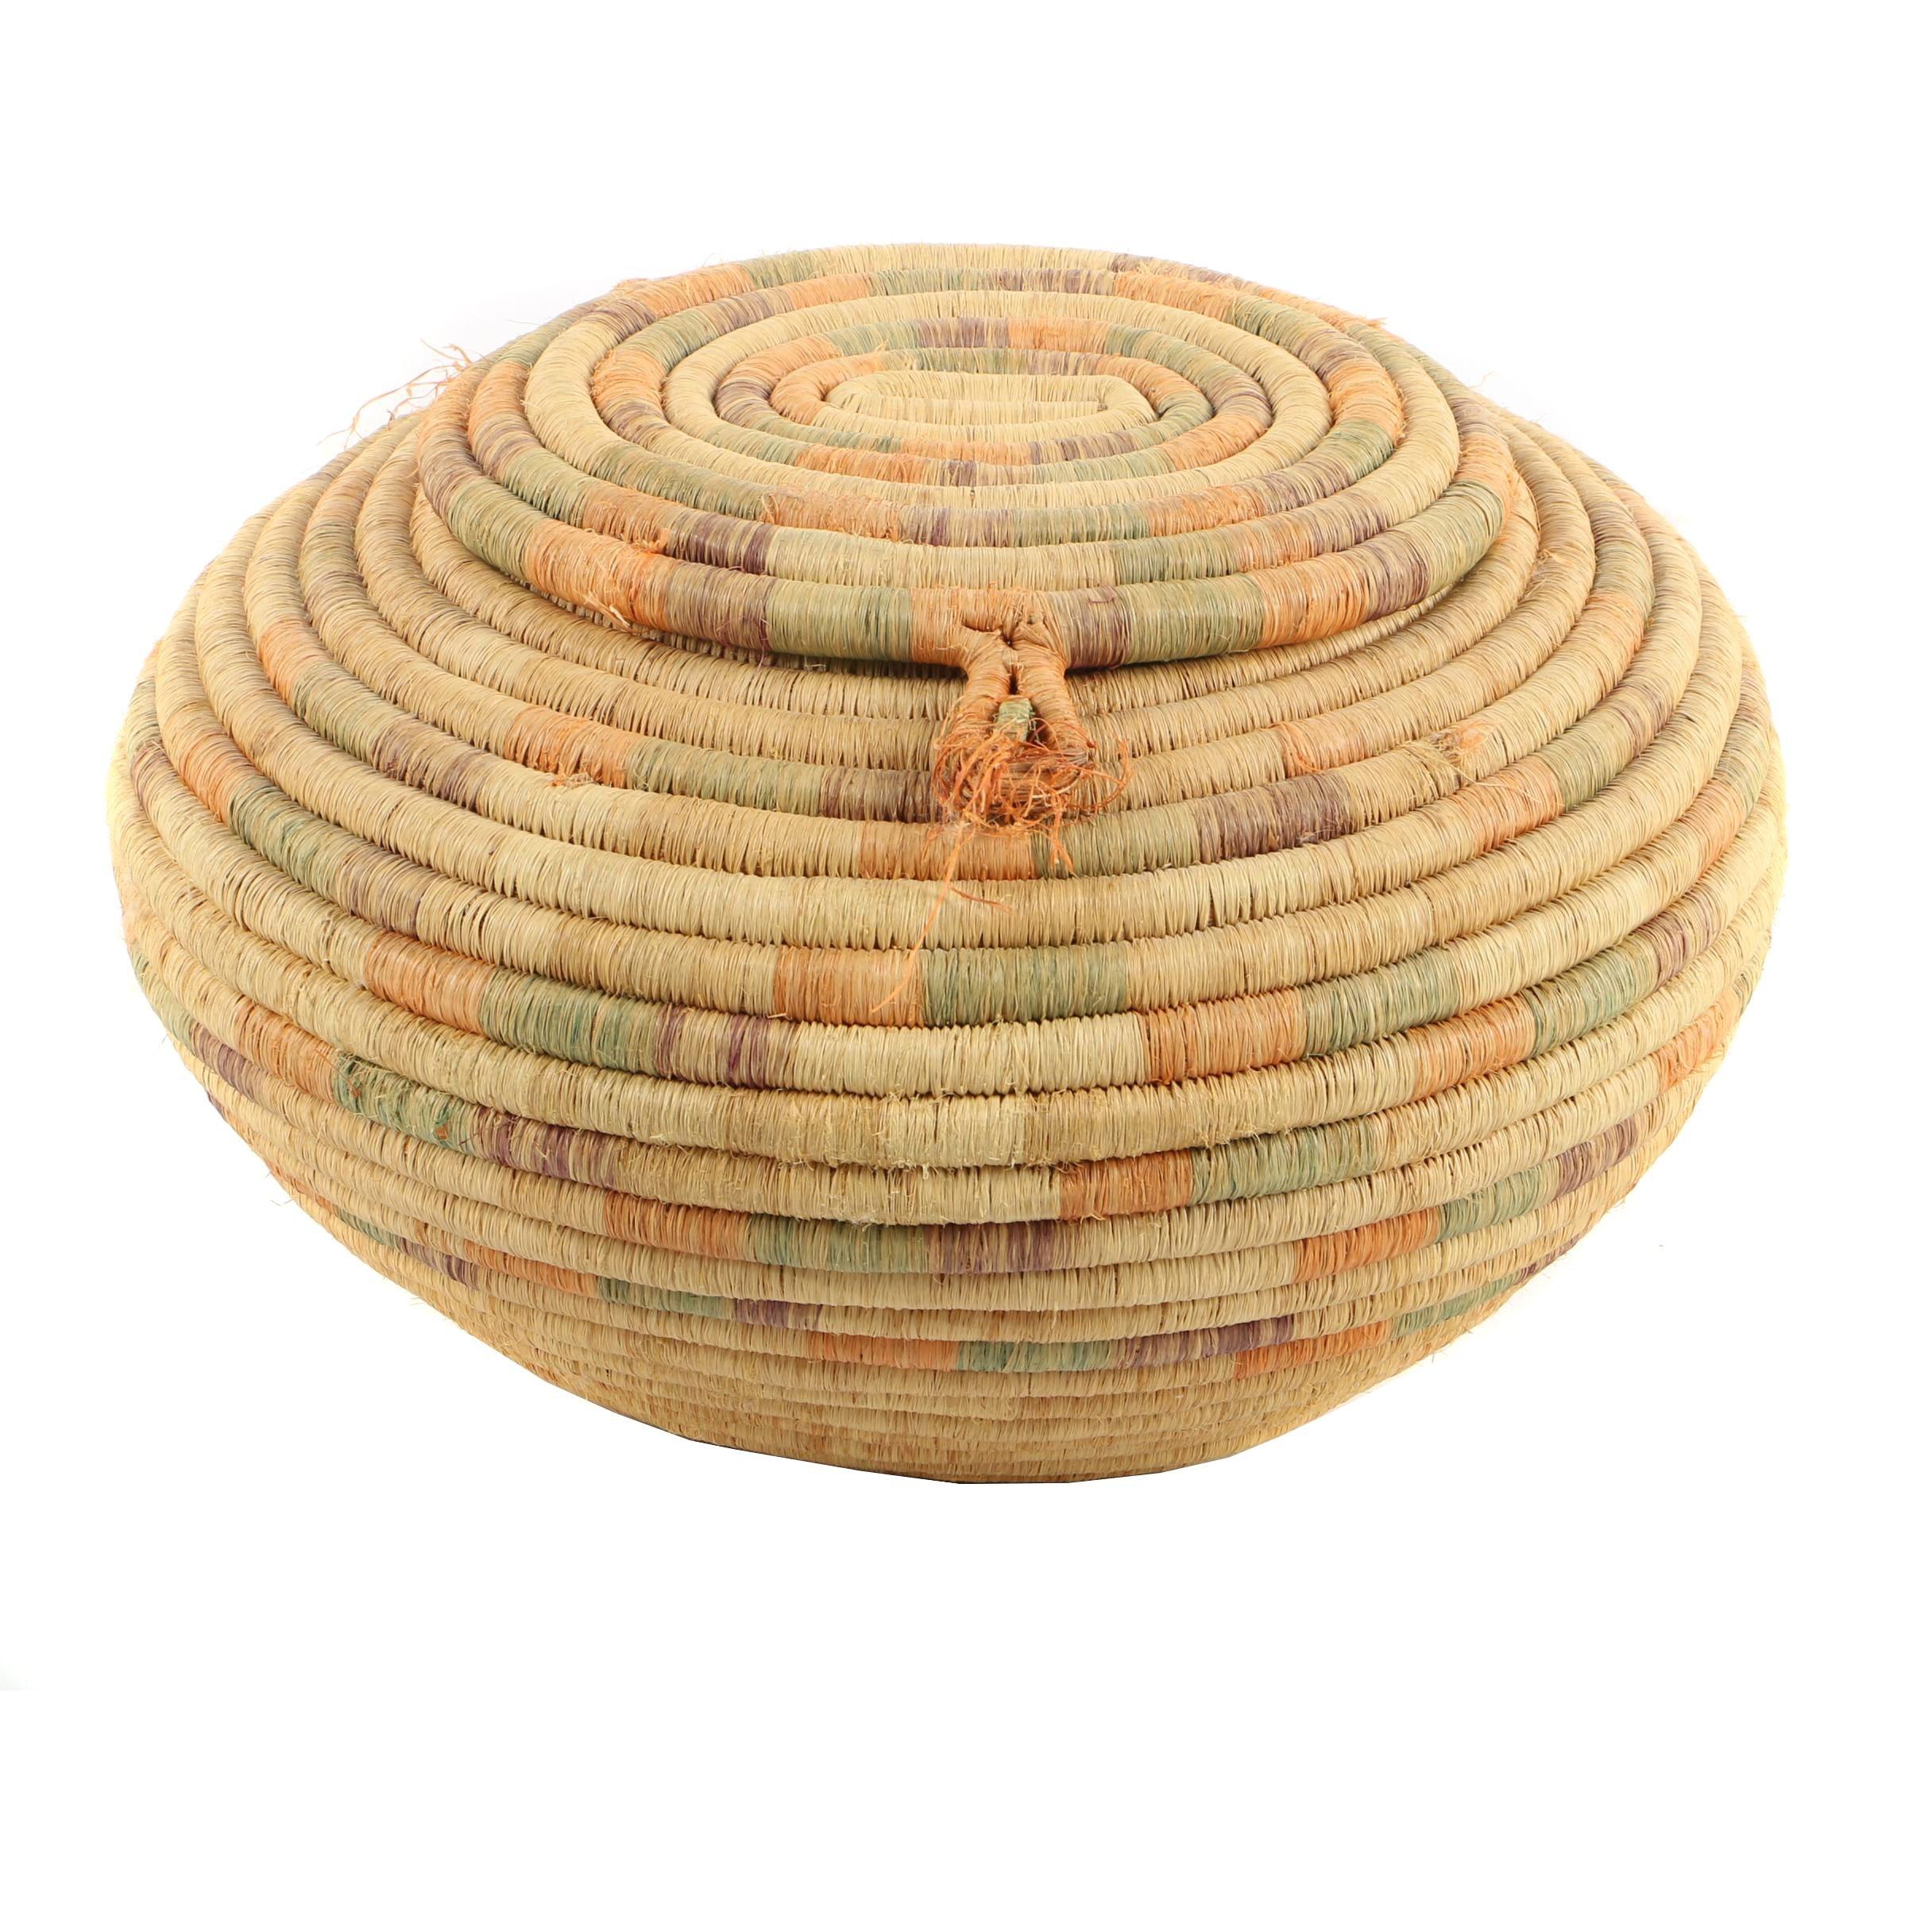 Vintage African Style Lidded Coil Basket